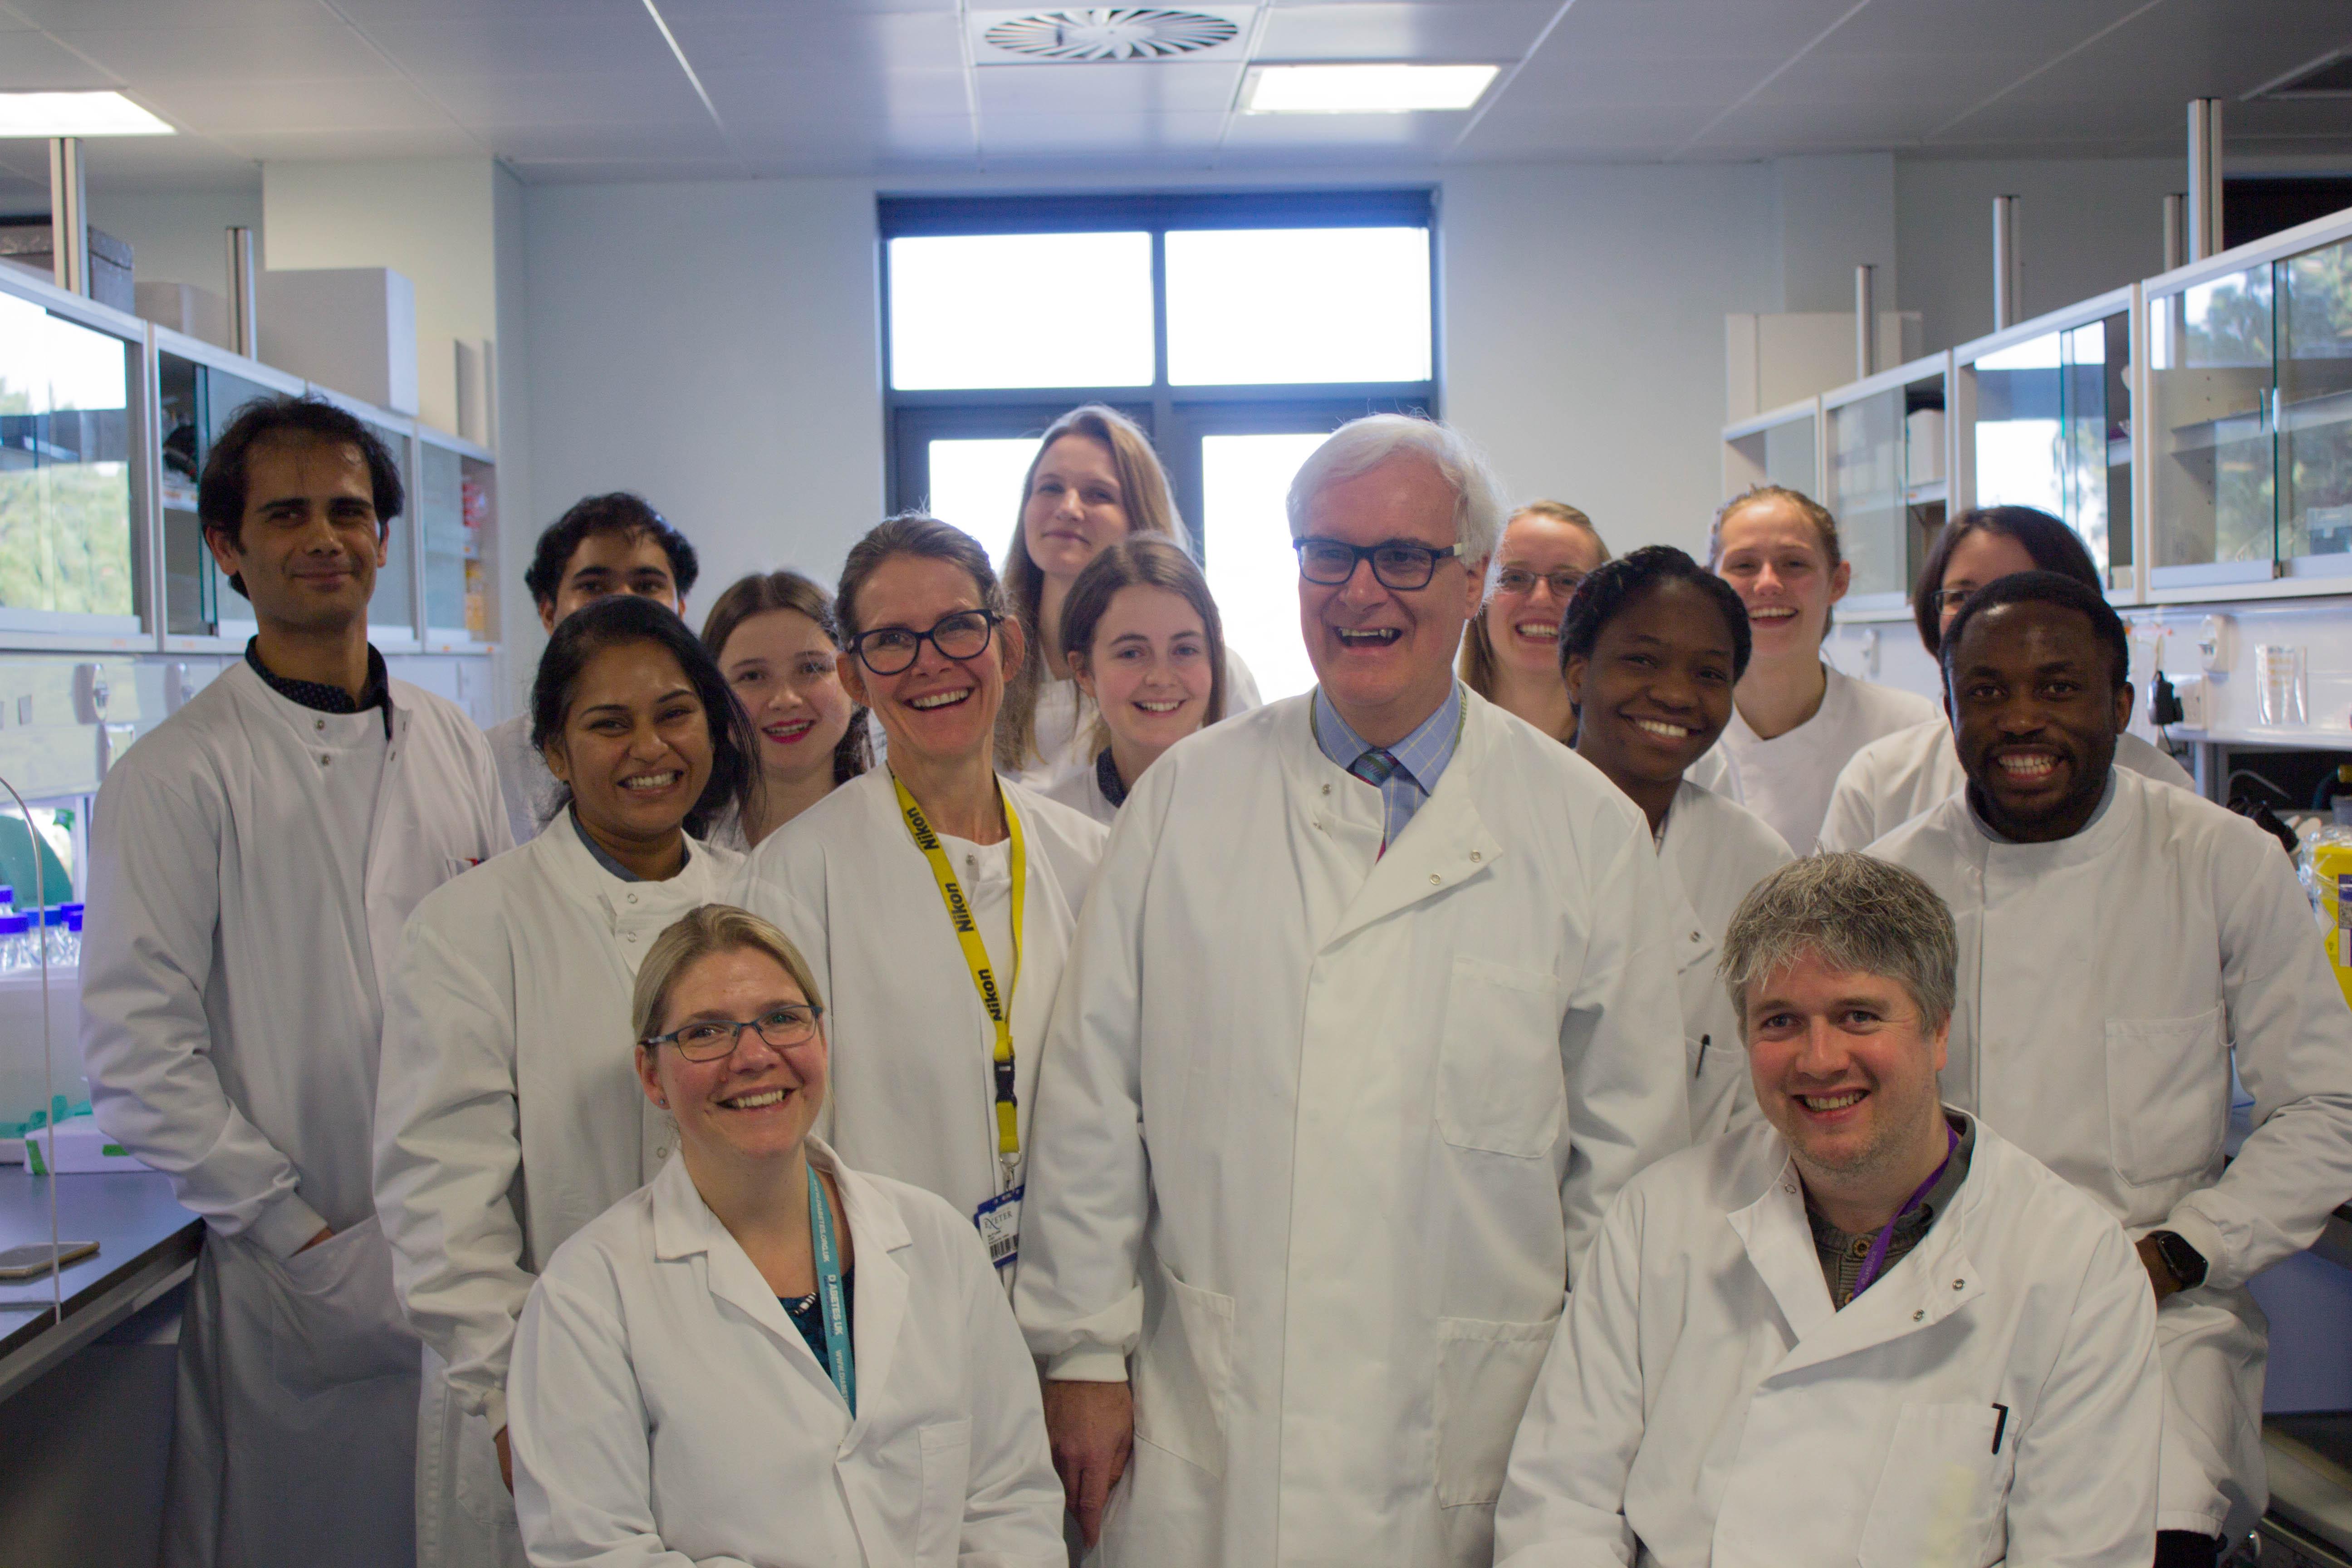 Professor Morgan and team